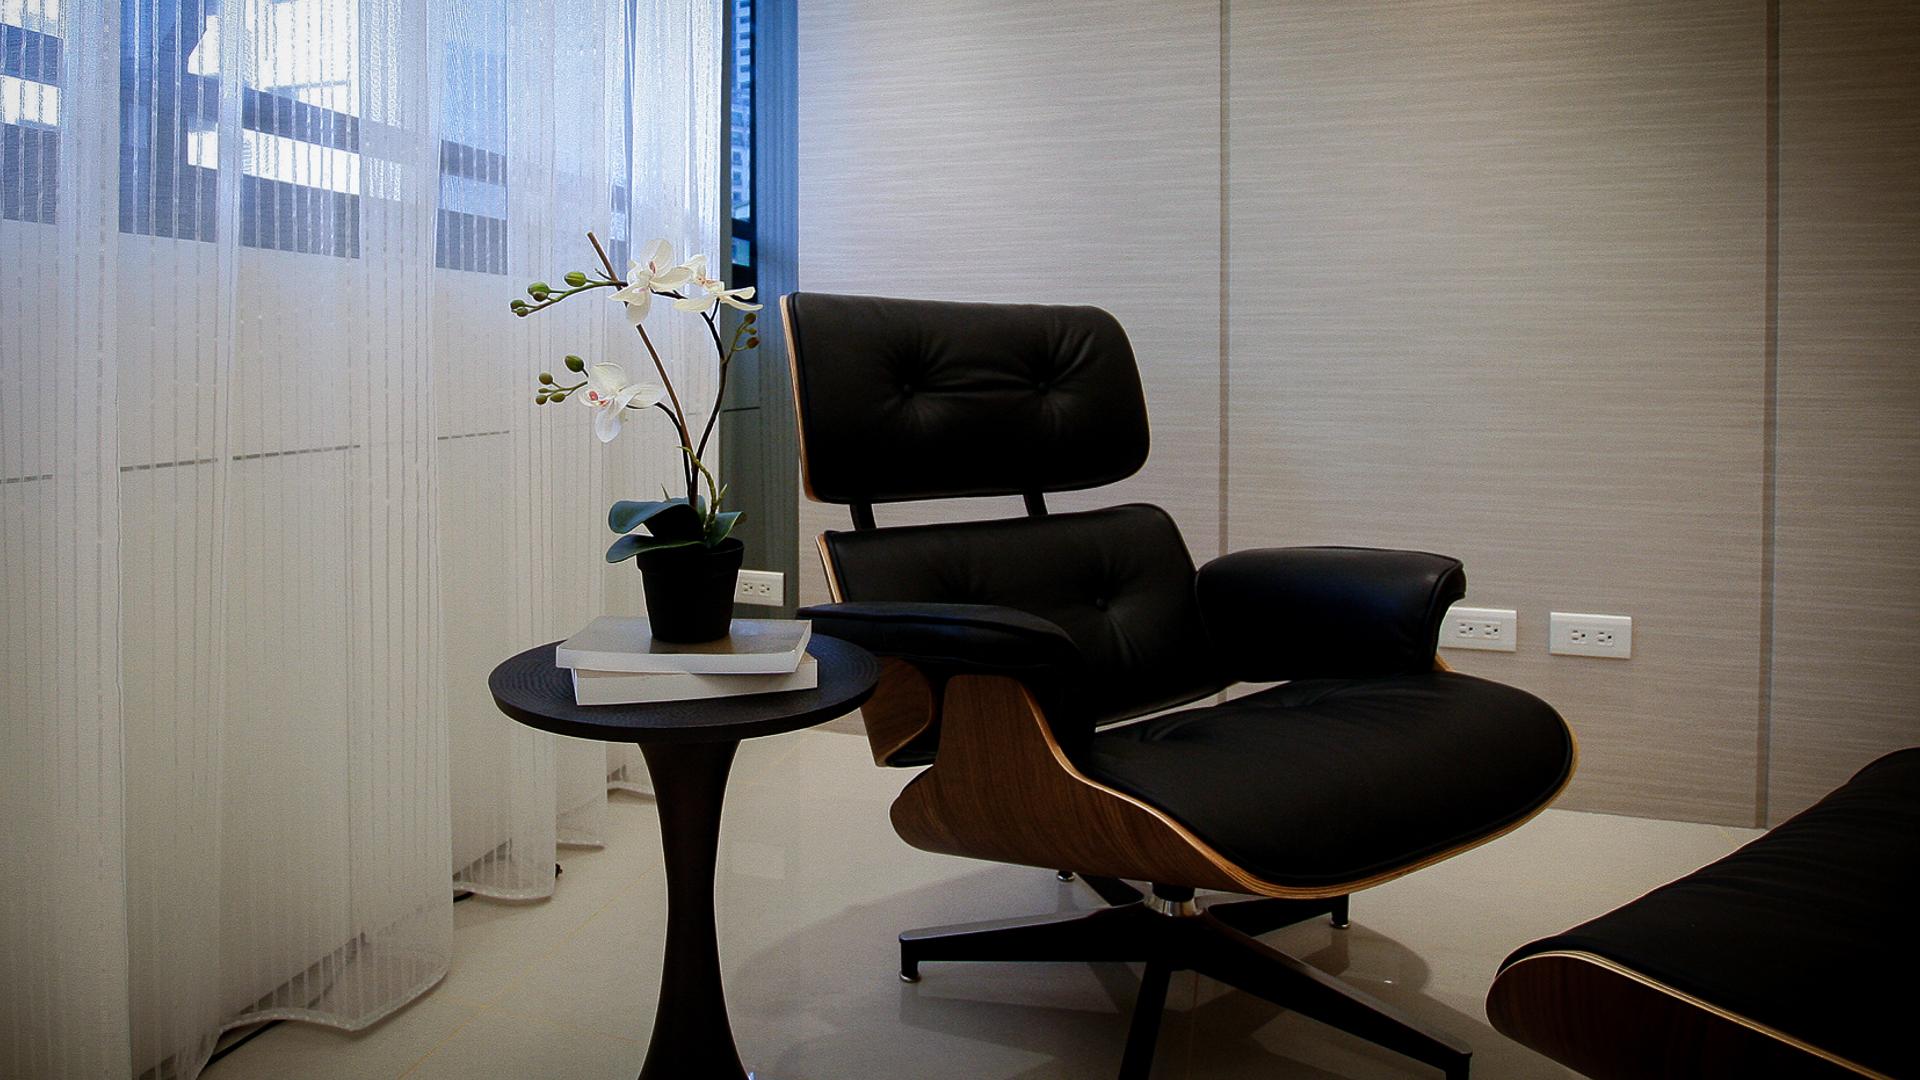 0017_室內設計師推薦風格人文東方風Zen style-18